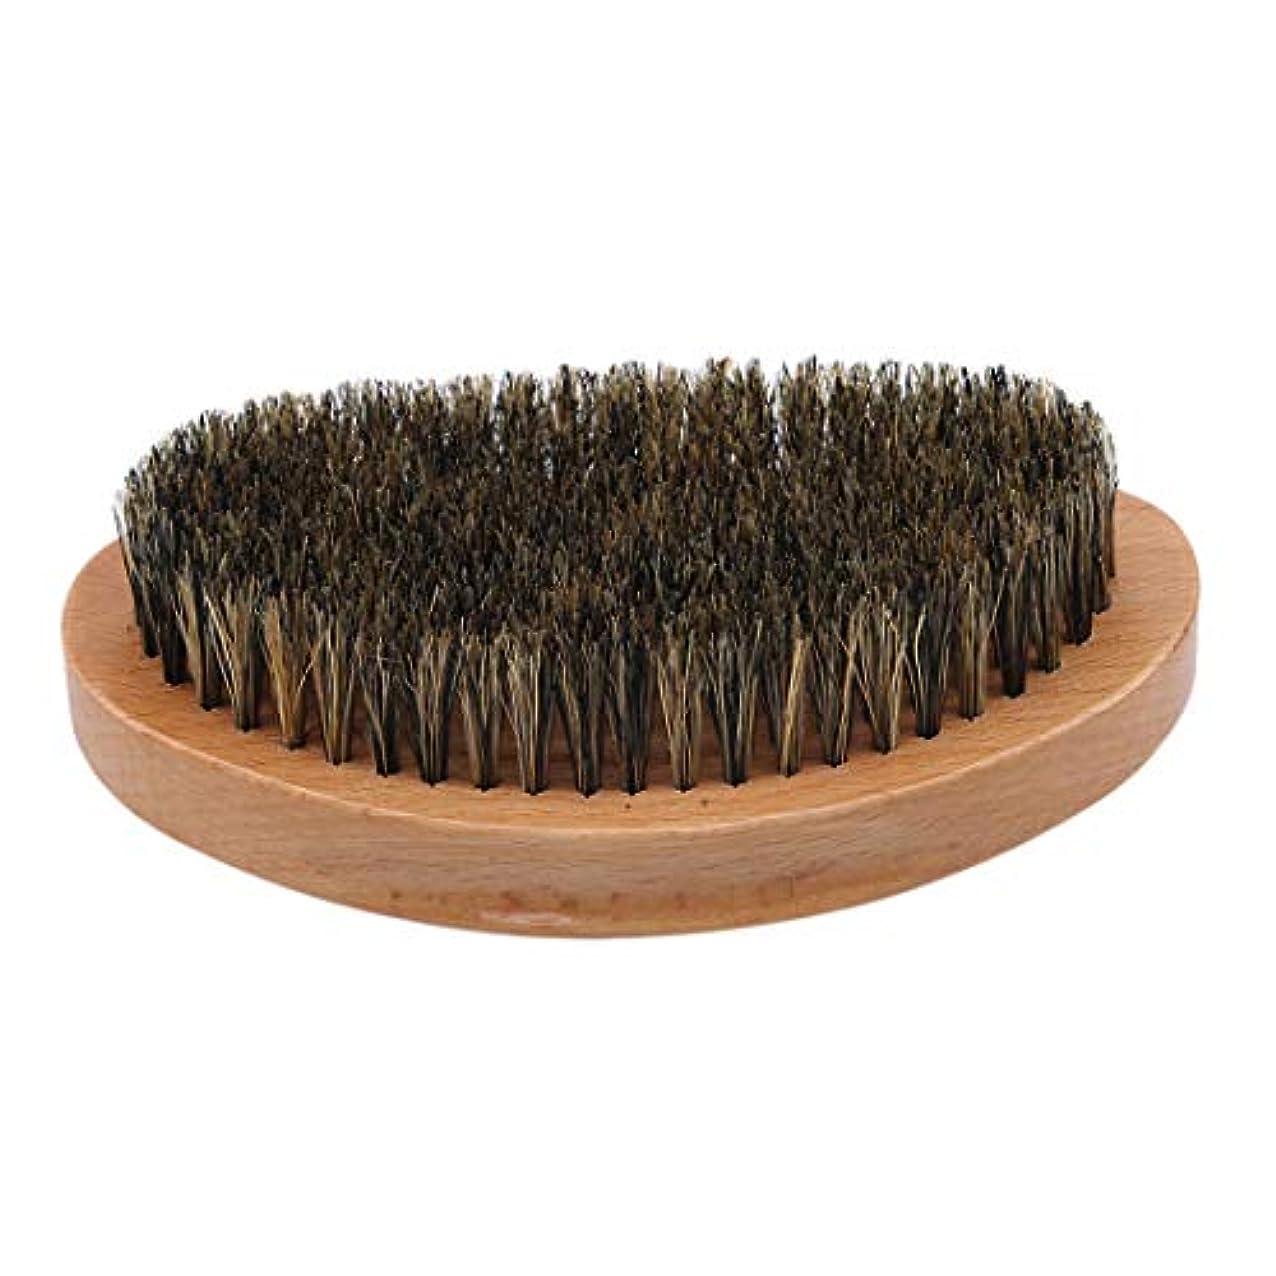 反対先行する槍KLUMA ひげブラシ シェービングブラシ 髭剃り 毛髭ブラシ 泡立ち 理容 美容ツール 旅行用 1#